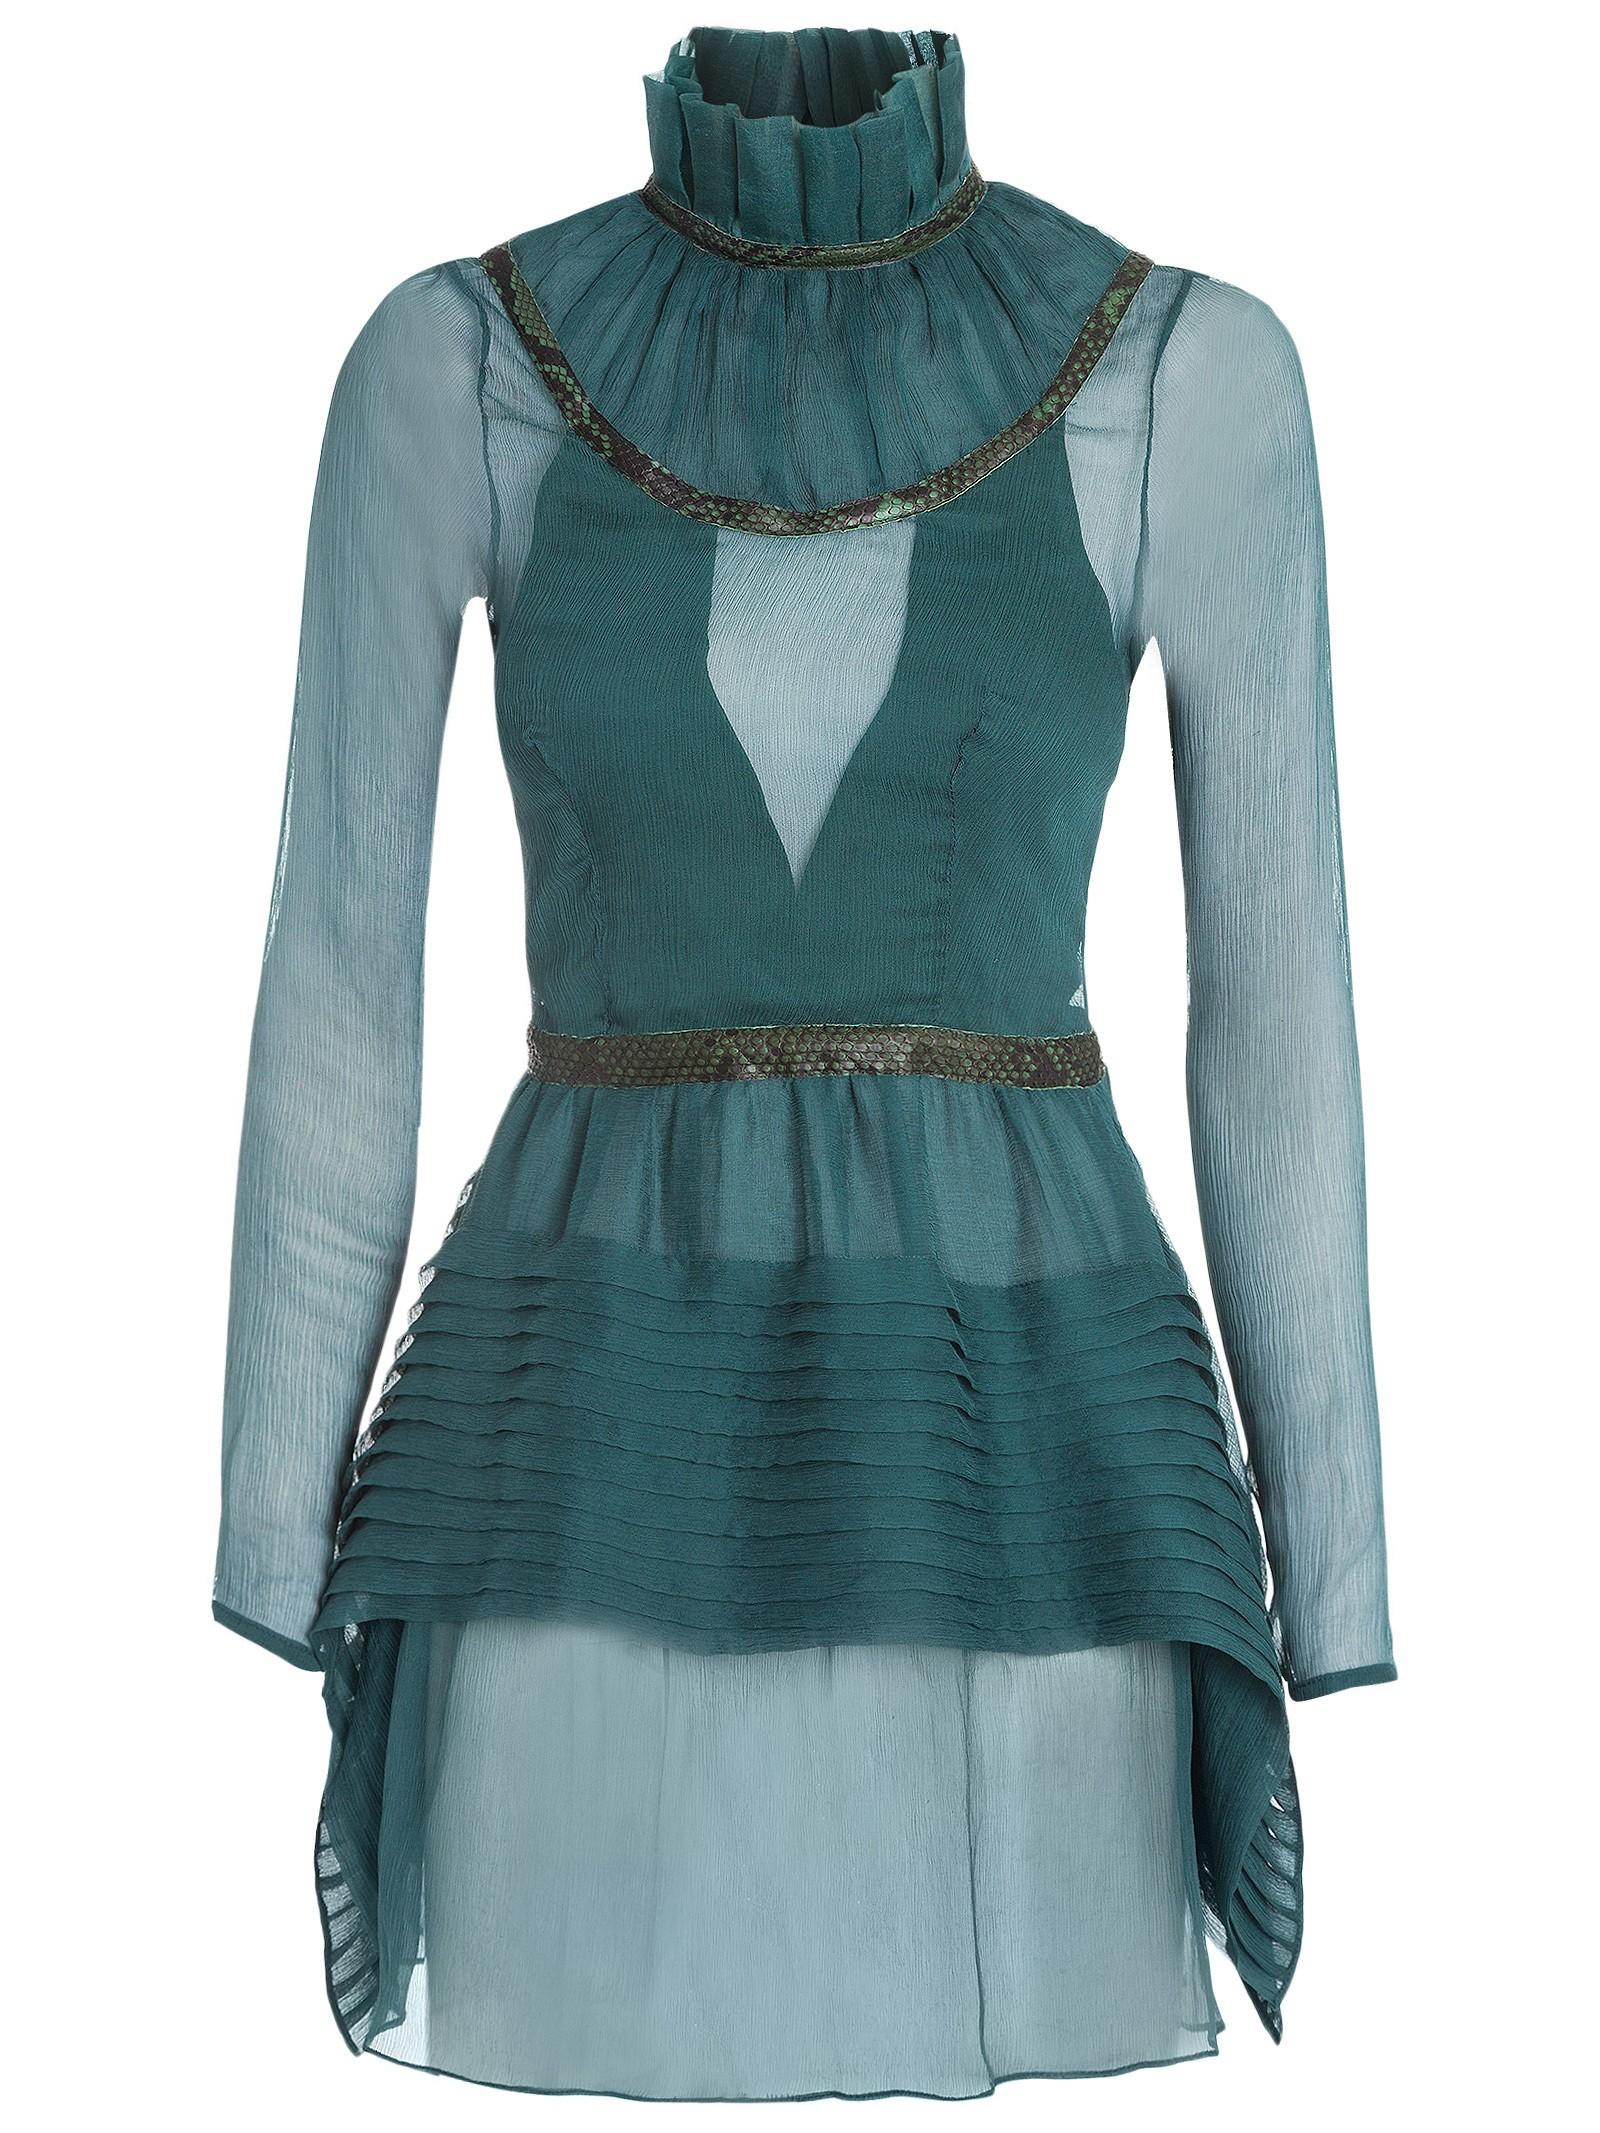 Vestido Wester - Helô Rocha - Verde - Shop2gether